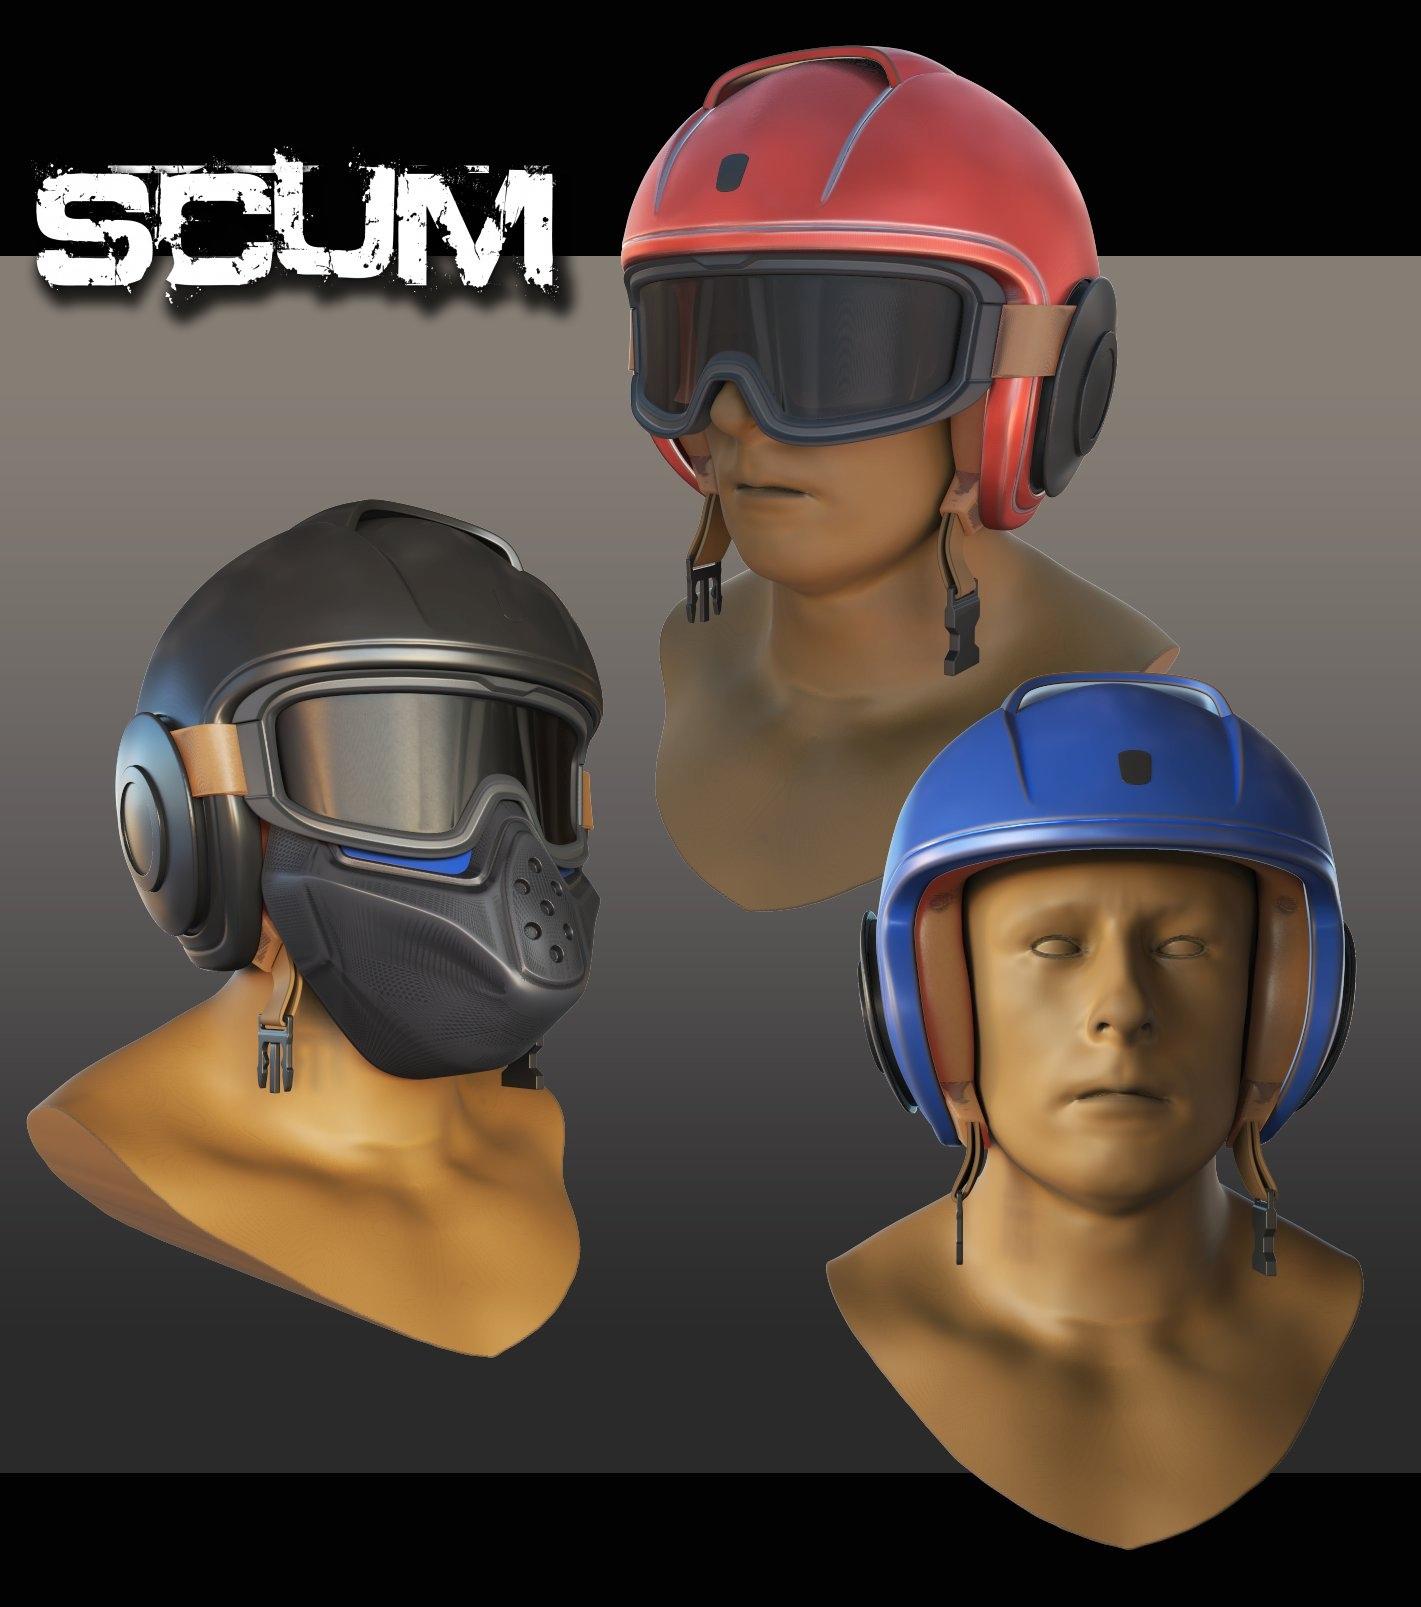 SCUM: новые шлемы Скоро...